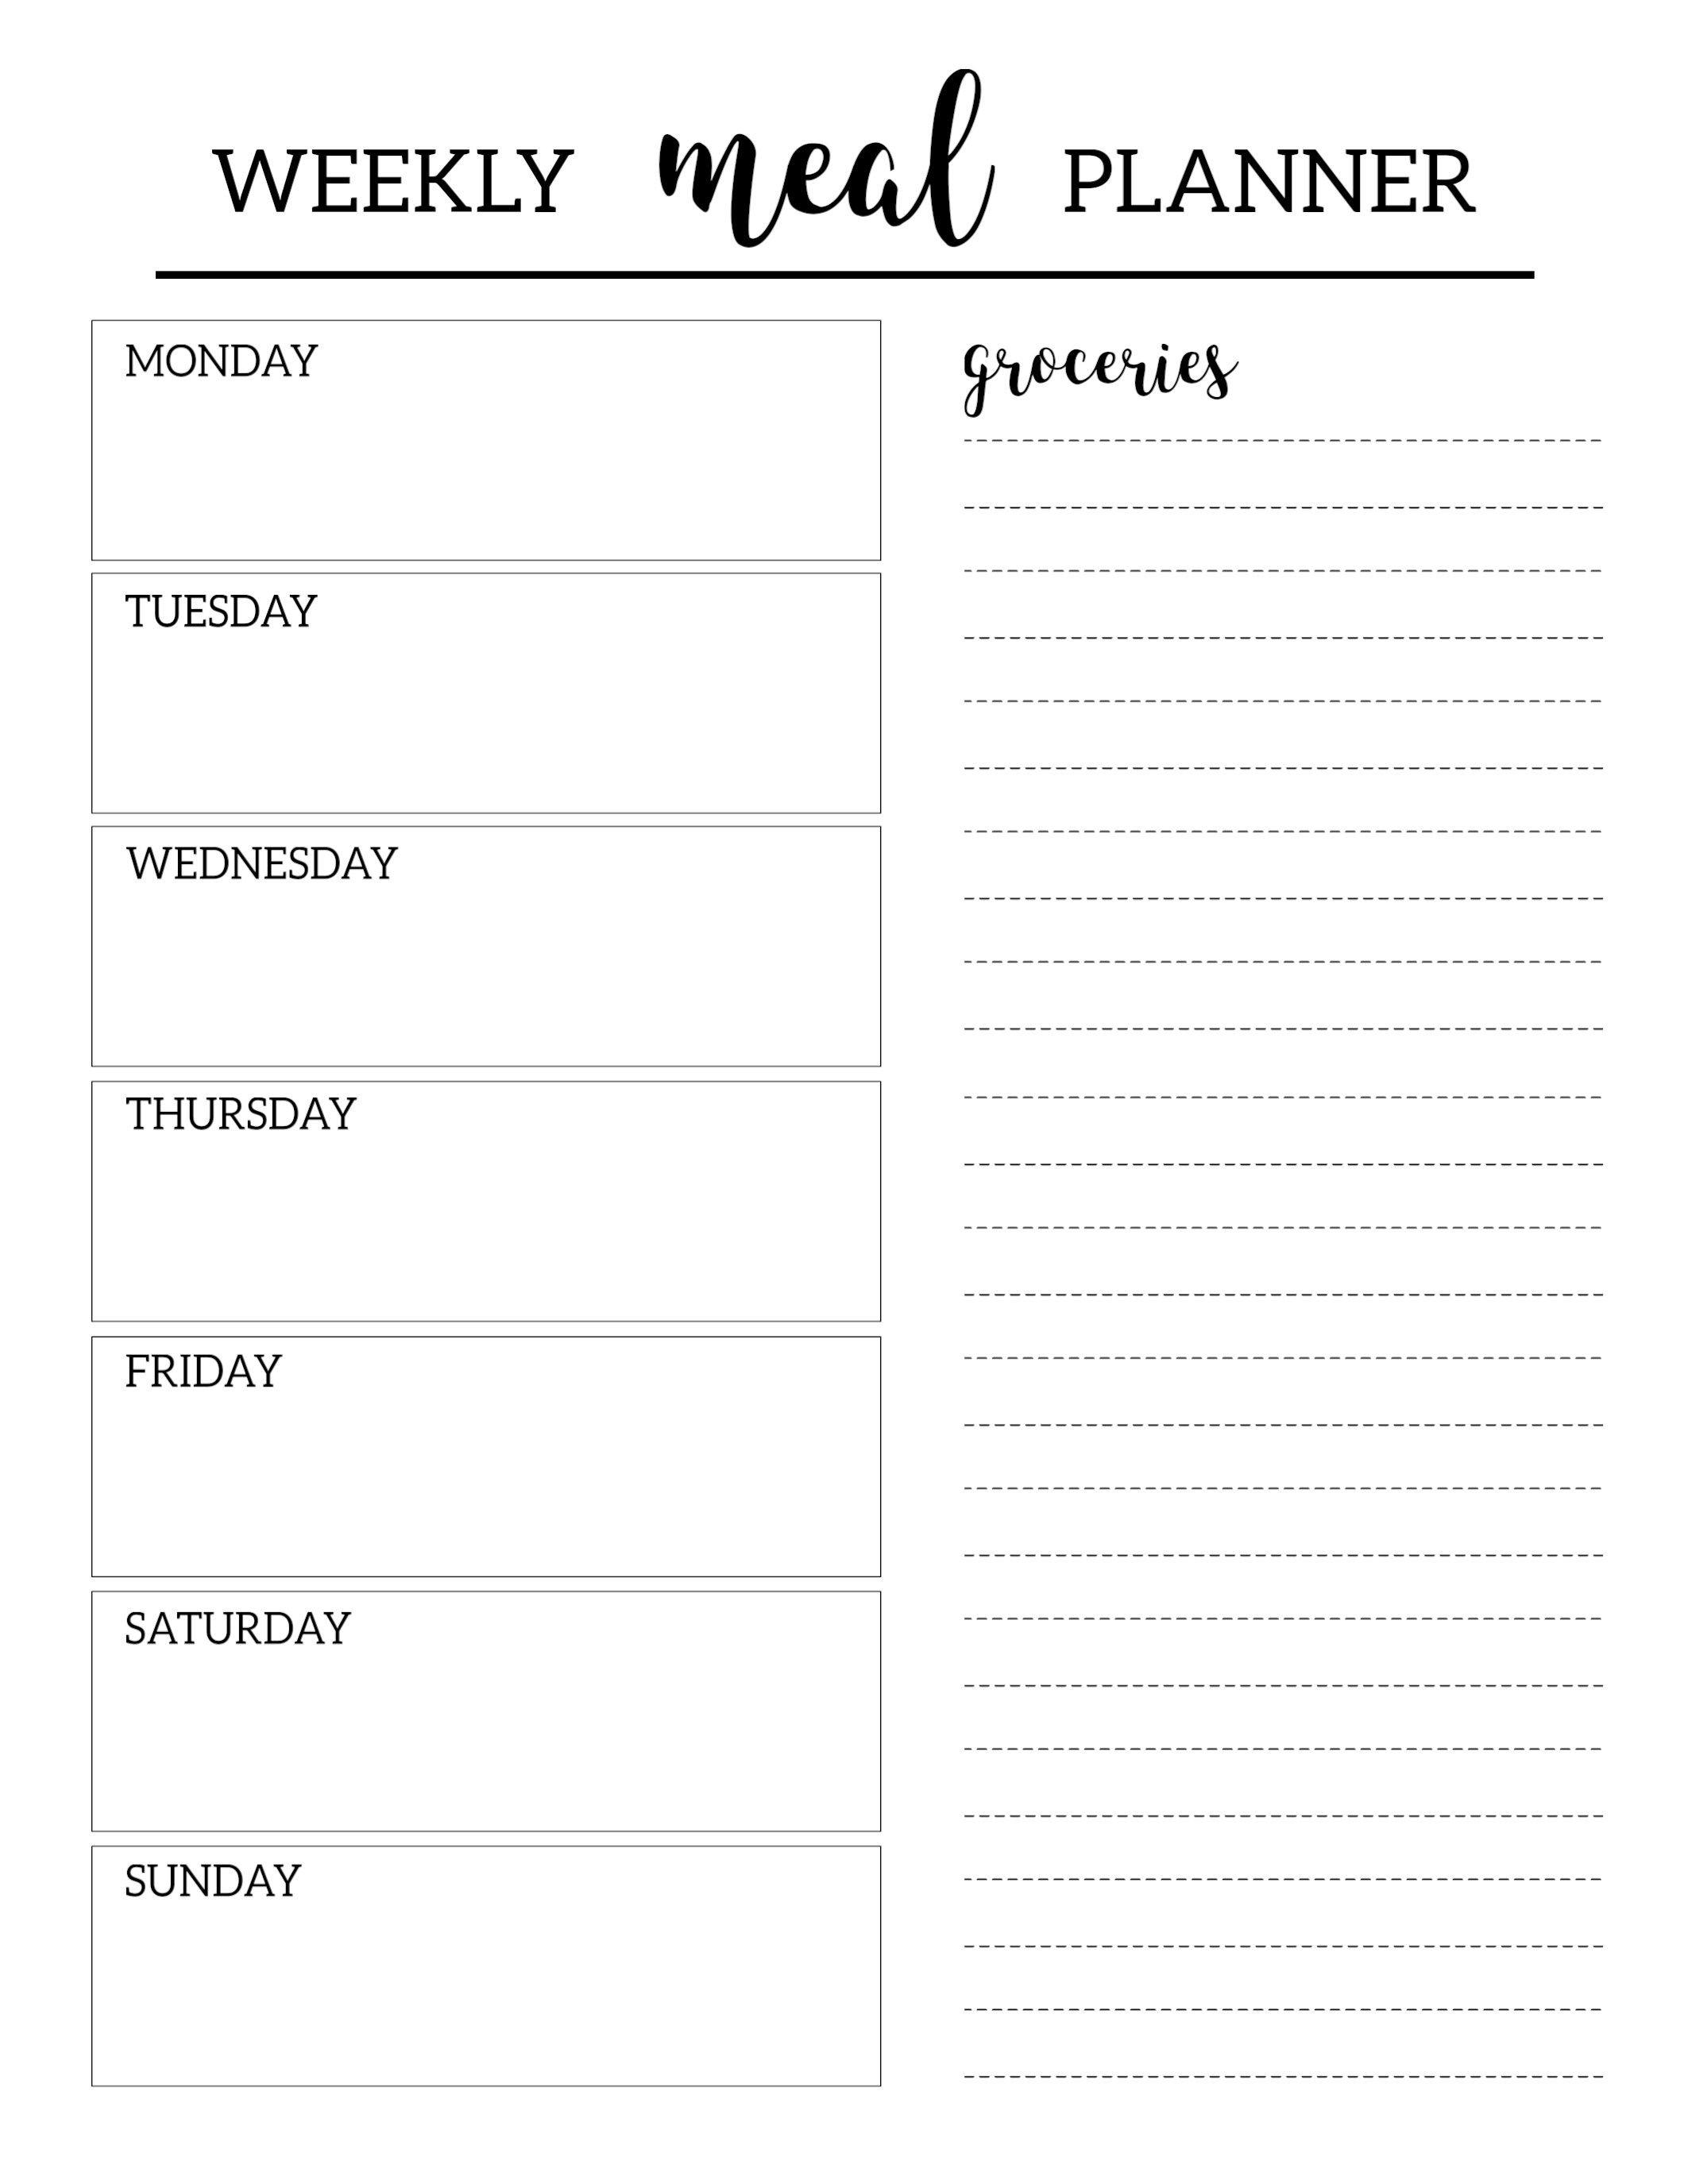 Free Printable Meal Planner Template   Organization   Pinterest - Free Printable Weekly Dinner Menu Planner